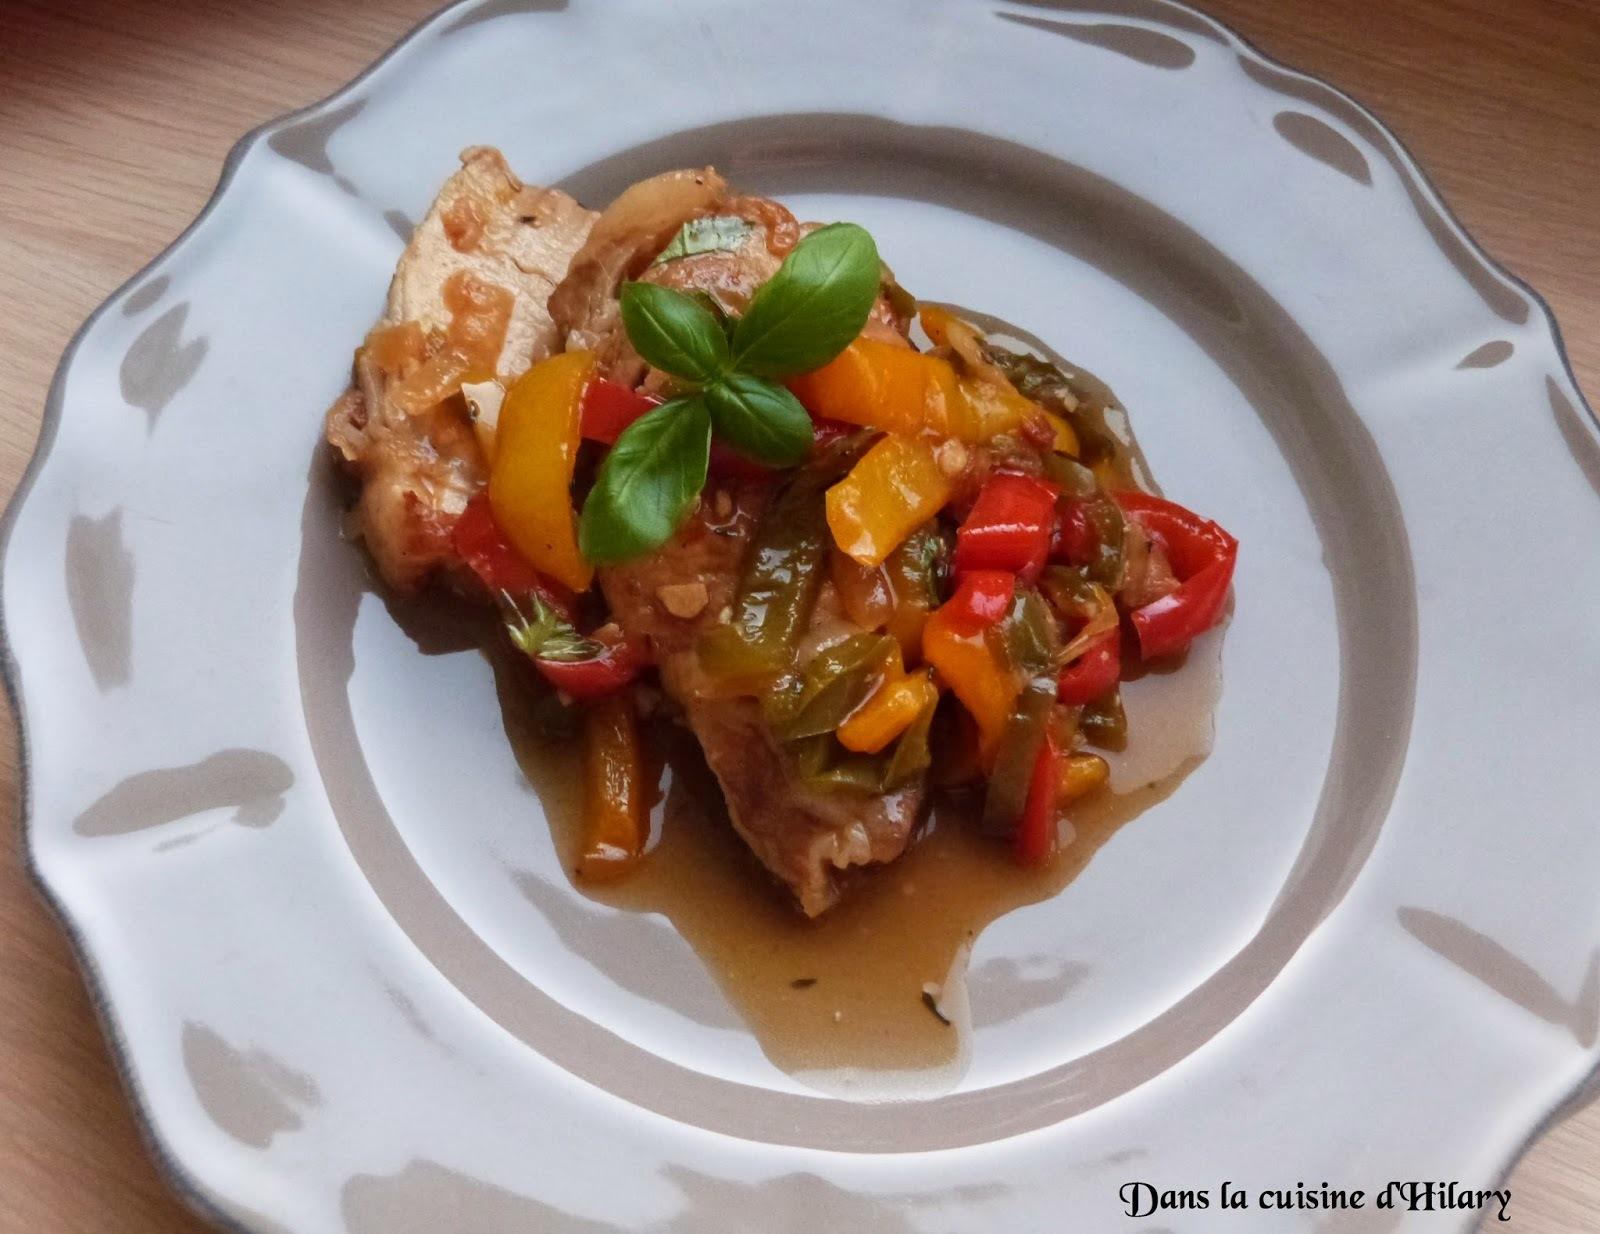 Rôti de porc aux trois poivrons / Pork roast and its three peppers